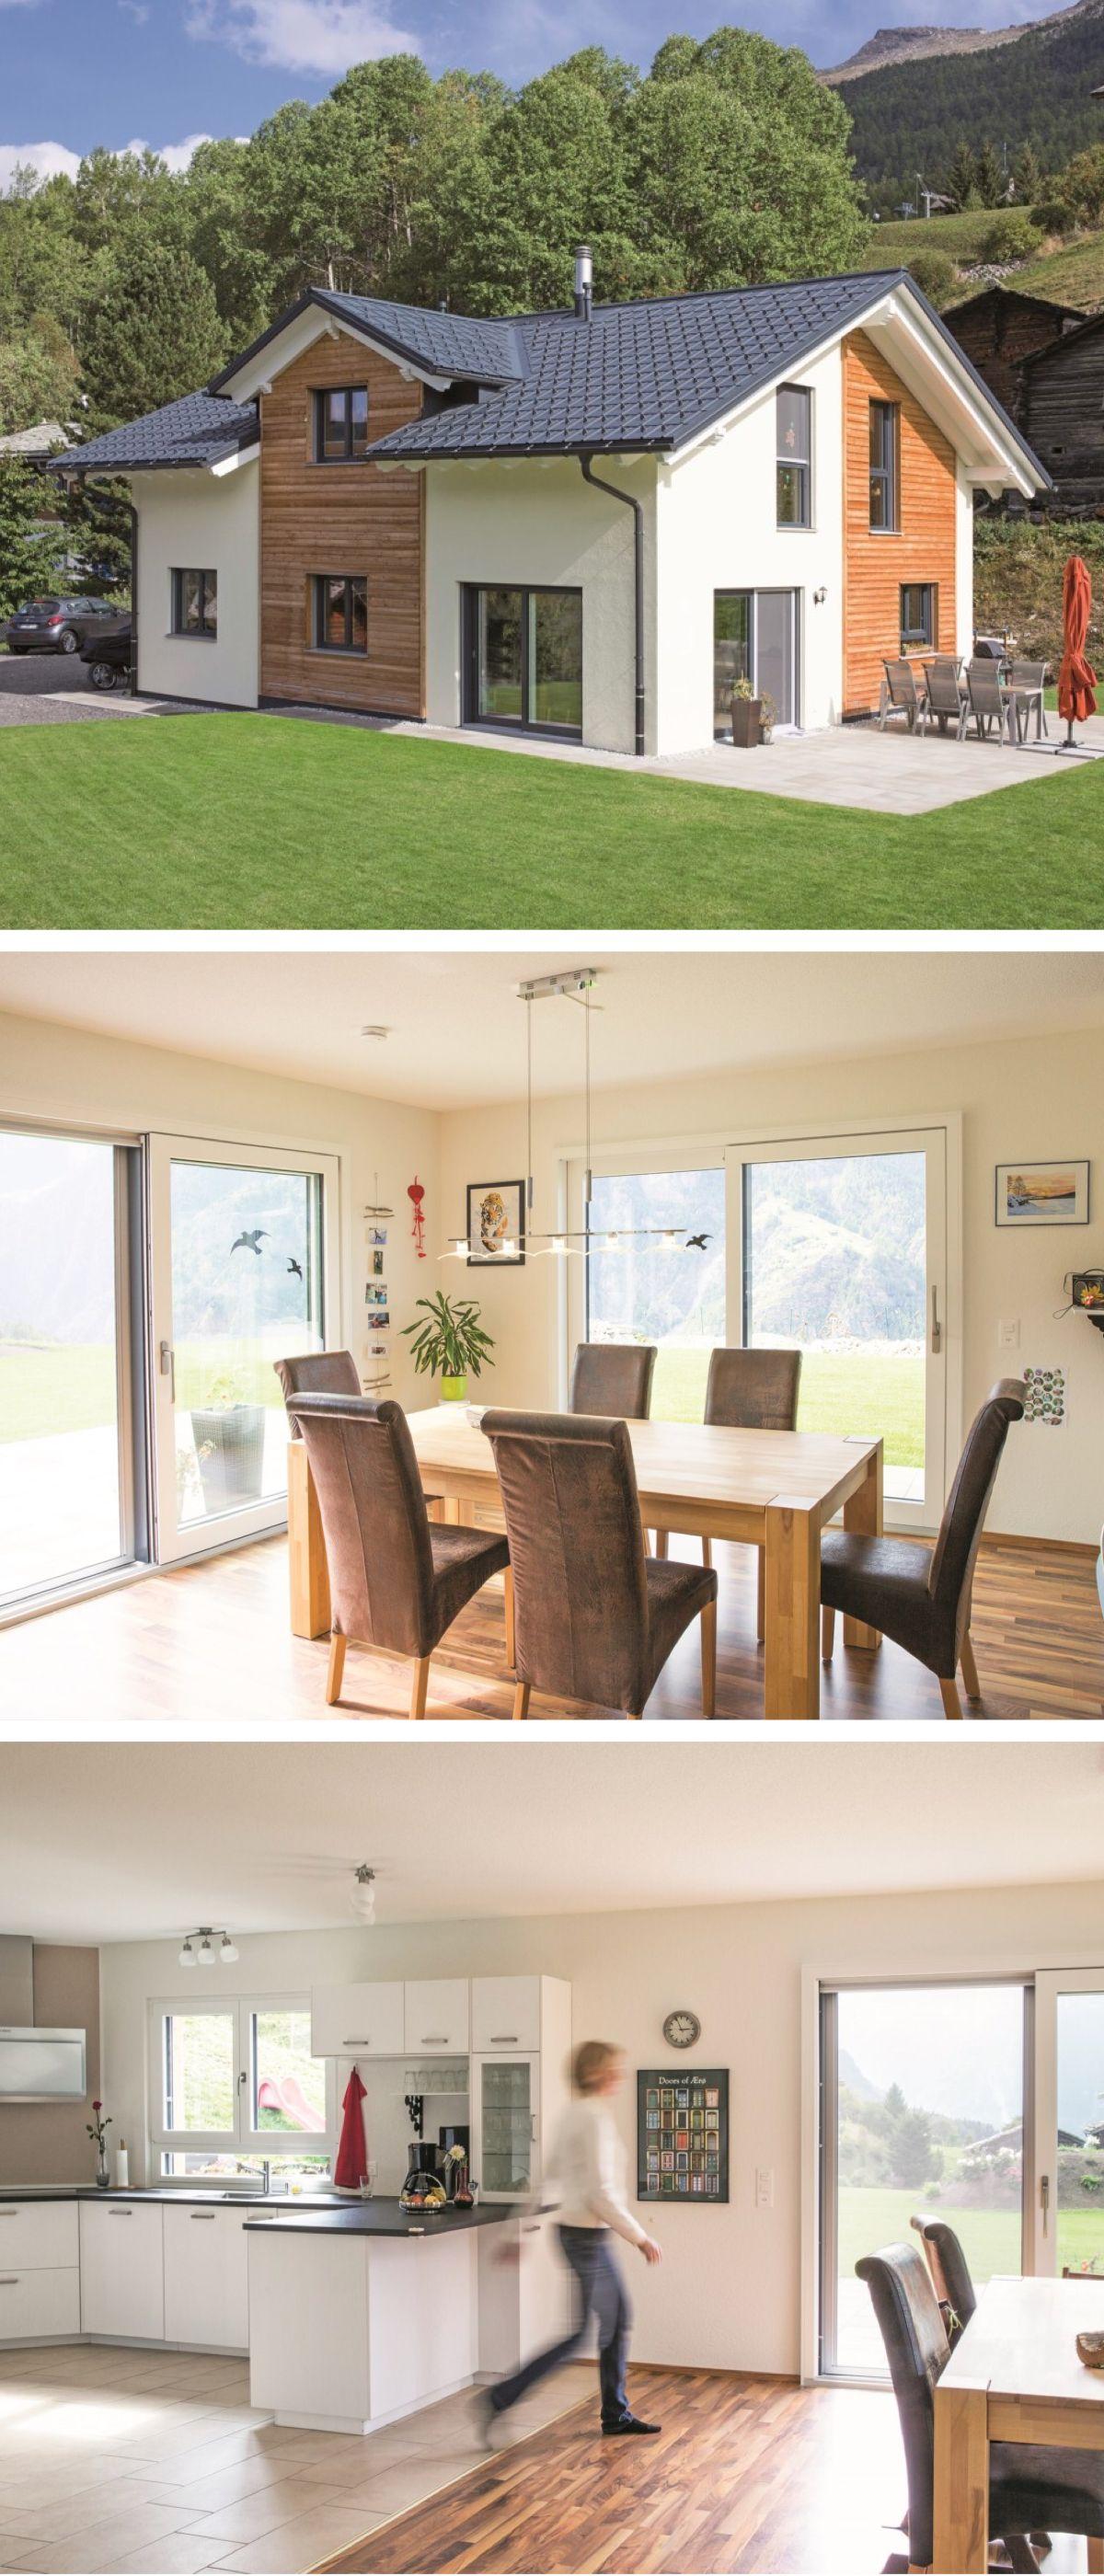 Satteldach Haus Modern Im Alpenstil Mit Holzfassade   Einfamilienhaus   Architektur WeberHaus Fertighaus Balance